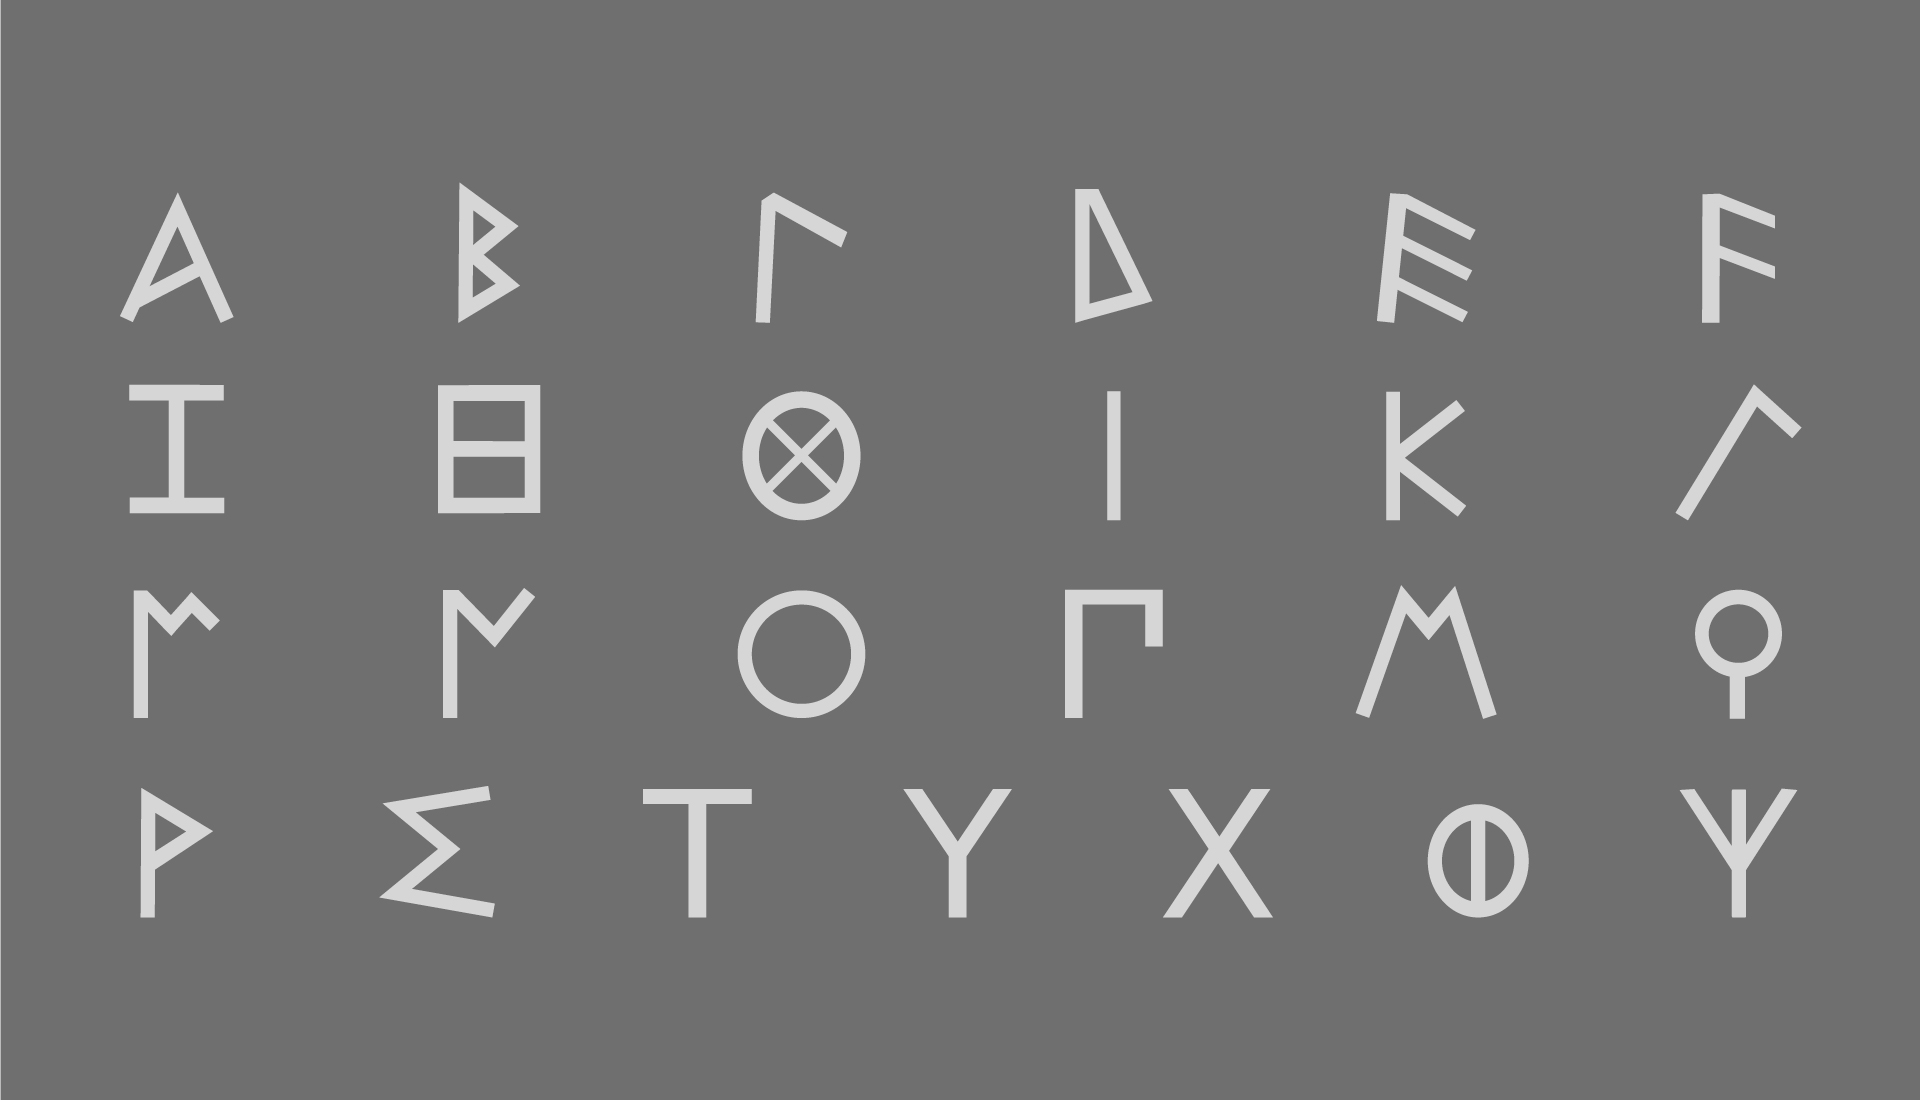 alfabeto greco arcaico